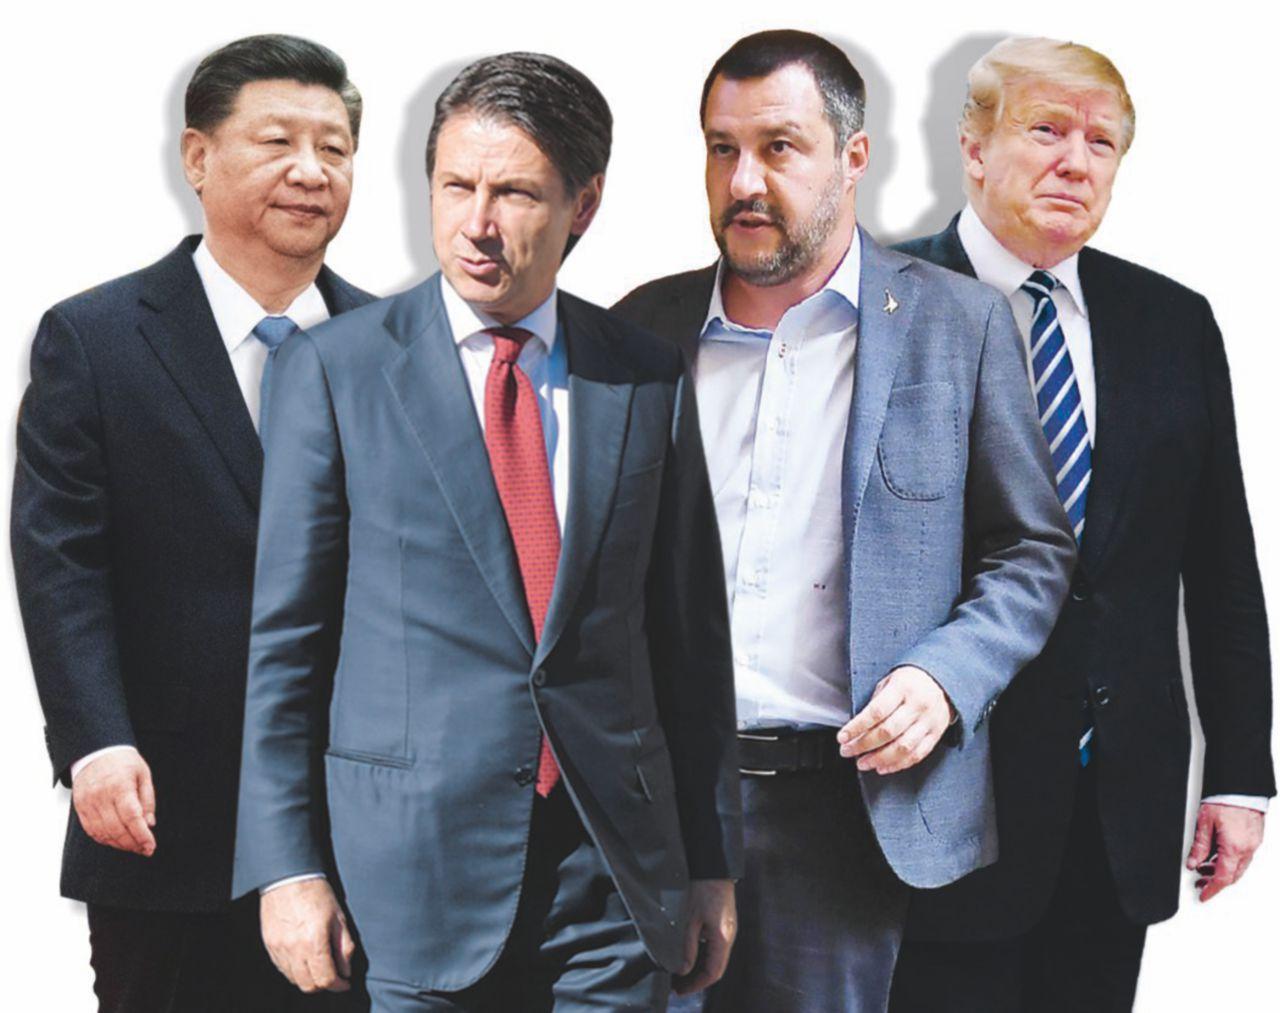 In Edicola sul Fatto del 12 Marzo: bomba Usa-Cina sul governo. Tutti contro tutti pure nella Lega